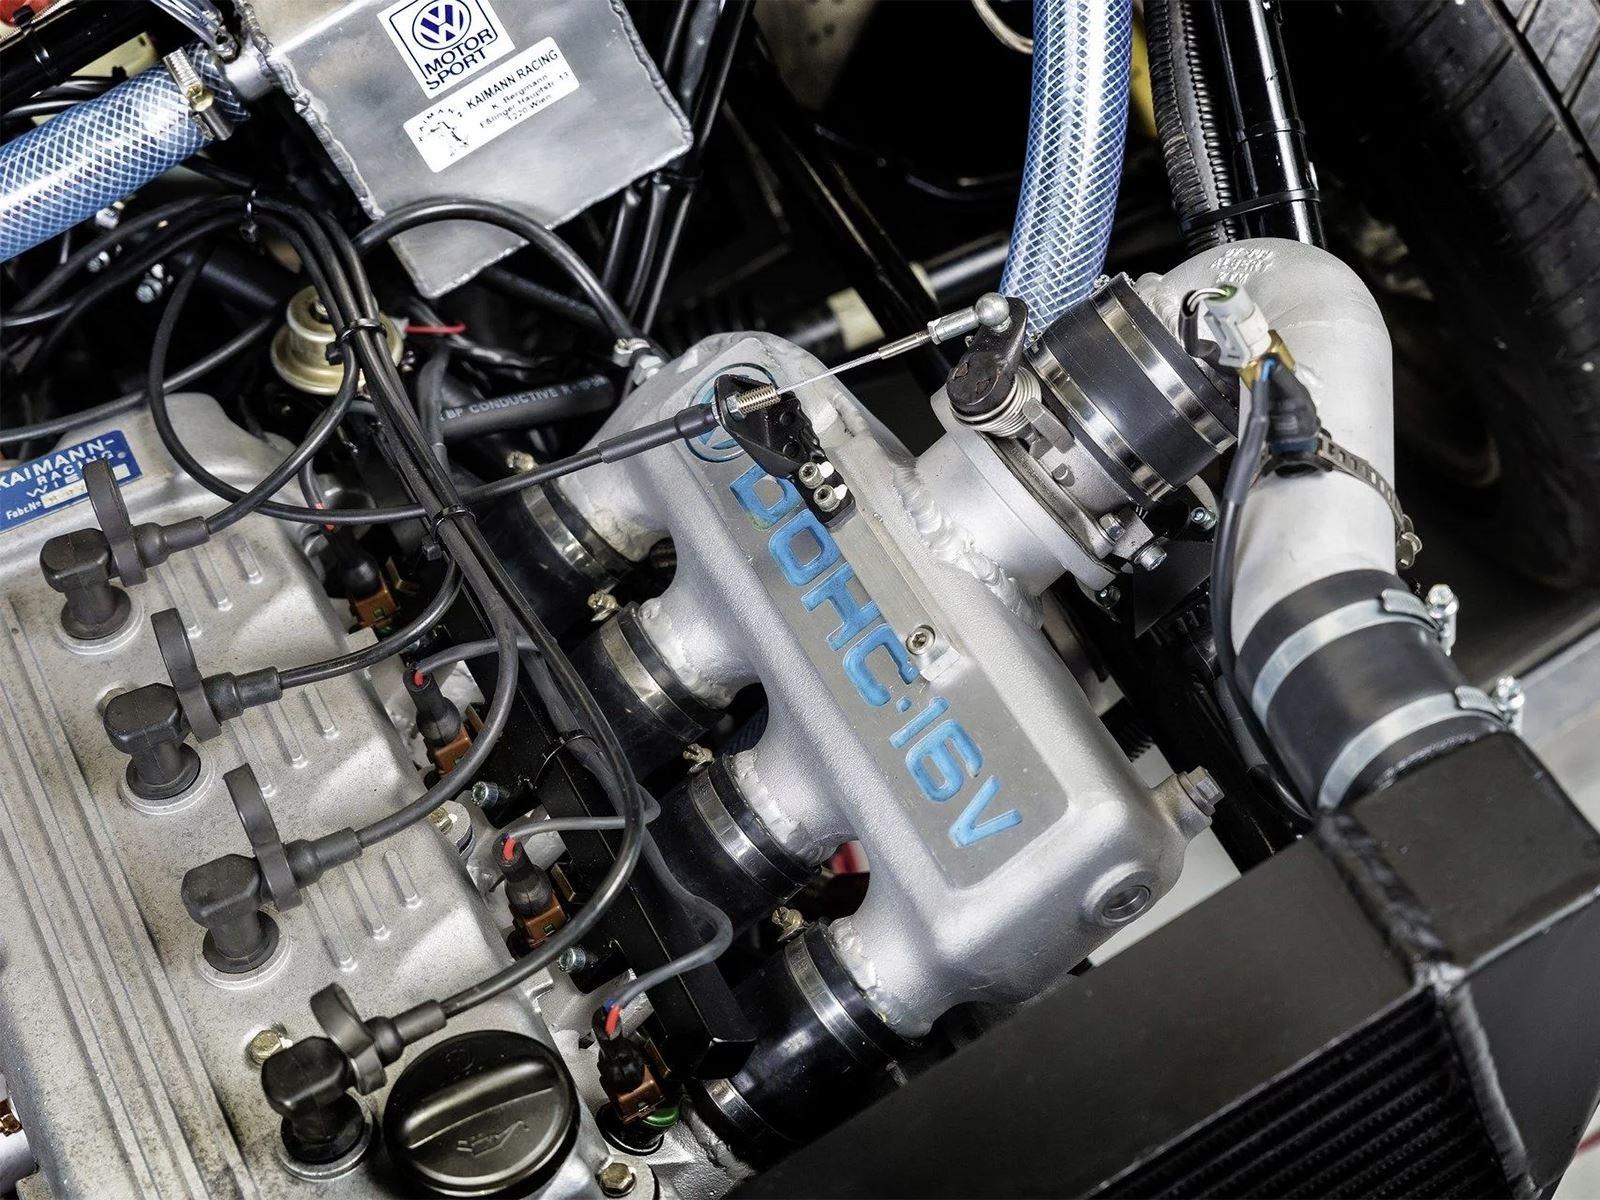 Volkswagen будет использовать полностью электрический ID. R, чтобы попытаться установить новый рекорд на Pikes Peak для EV на знаменитом подъеме в июне. Это будет означать, что с момента первого соревнования VW участвовал в Pikes Peak International H